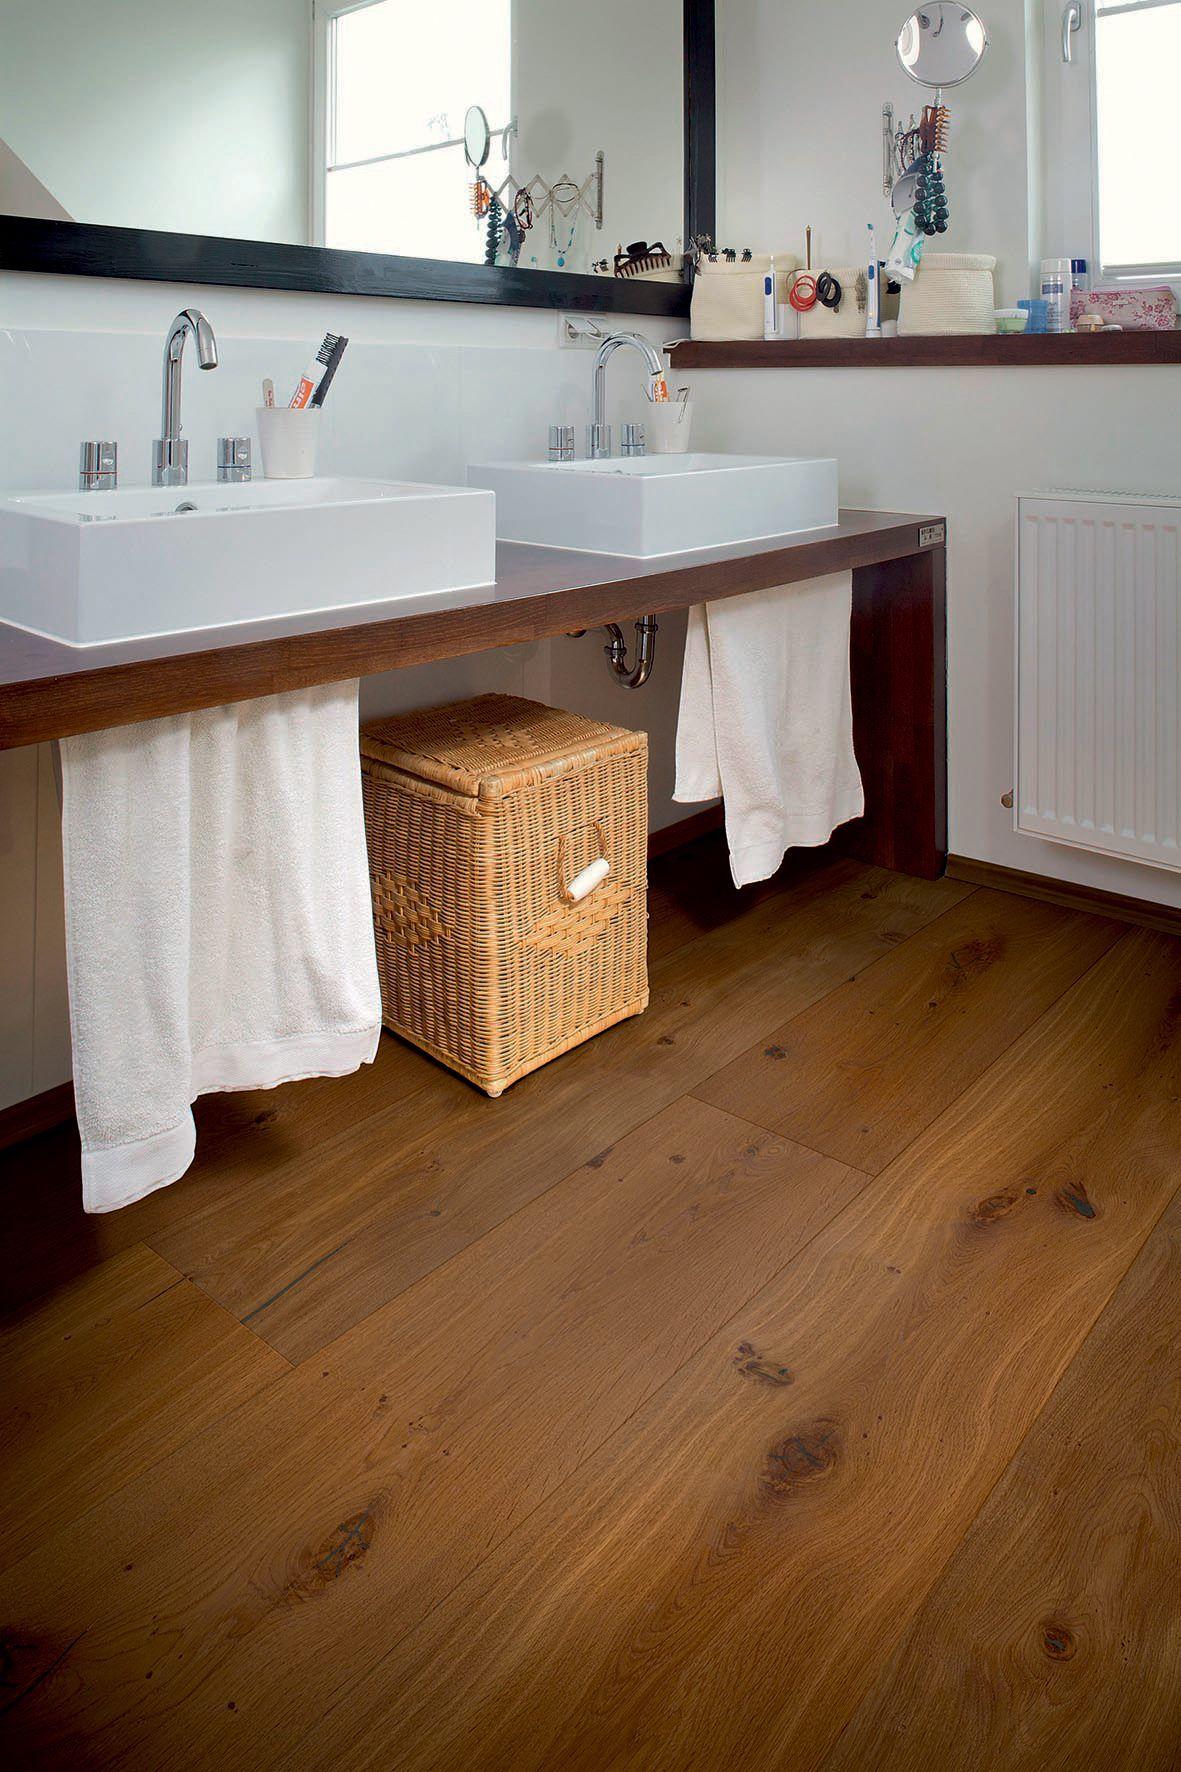 14 Parkett Im Badezimmer Harte Holzarten Trotzen Der Feuchtigkeit Im Eintagamsee Badezimmer Holz Badezimmerboden Badezimmer Holzboden